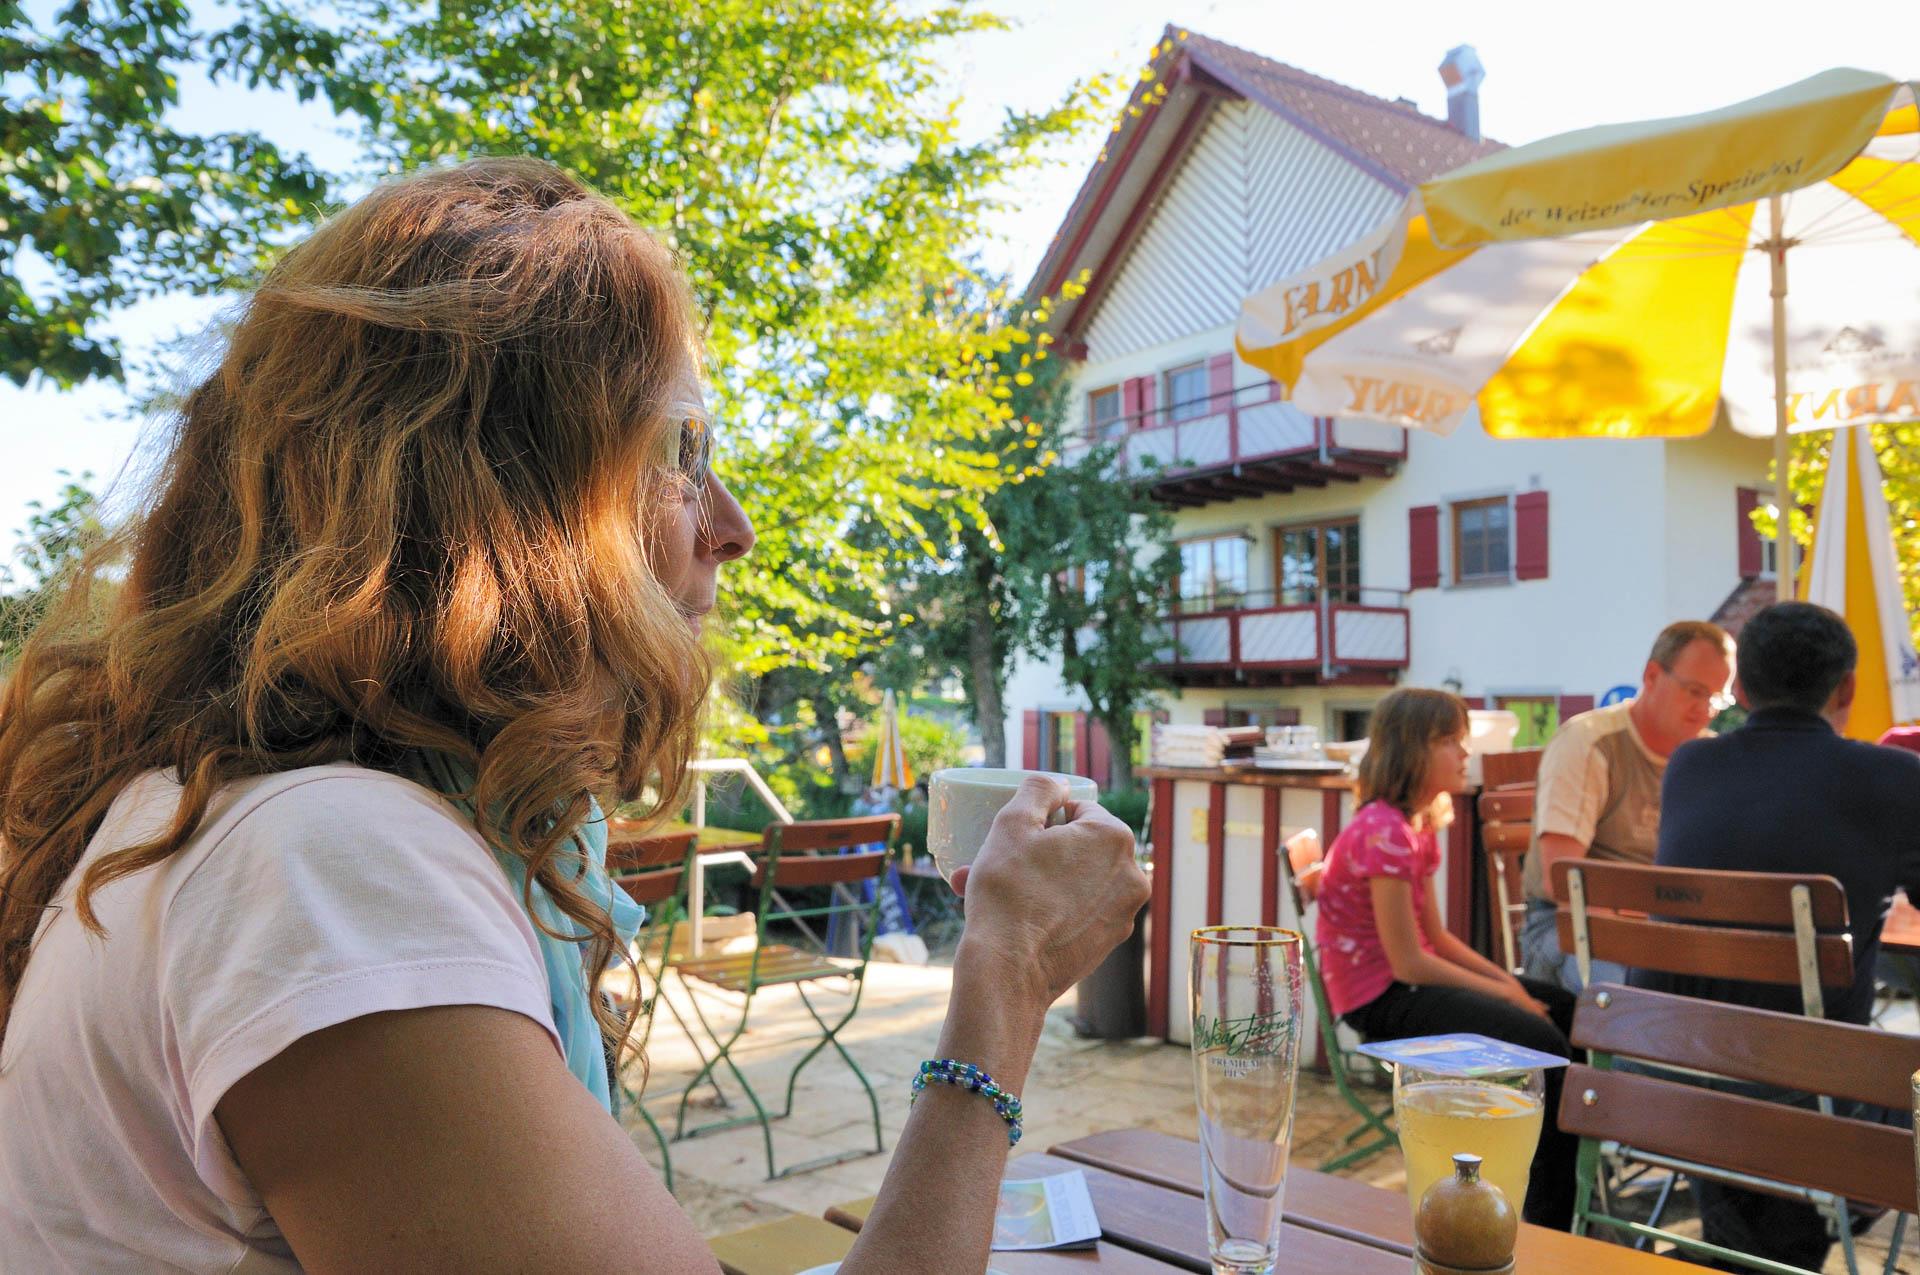 Gemütlich geht es zu im Biergarten des Gasthaus Seerose in Nitzenweiler bei Kressbronn am Bodensee